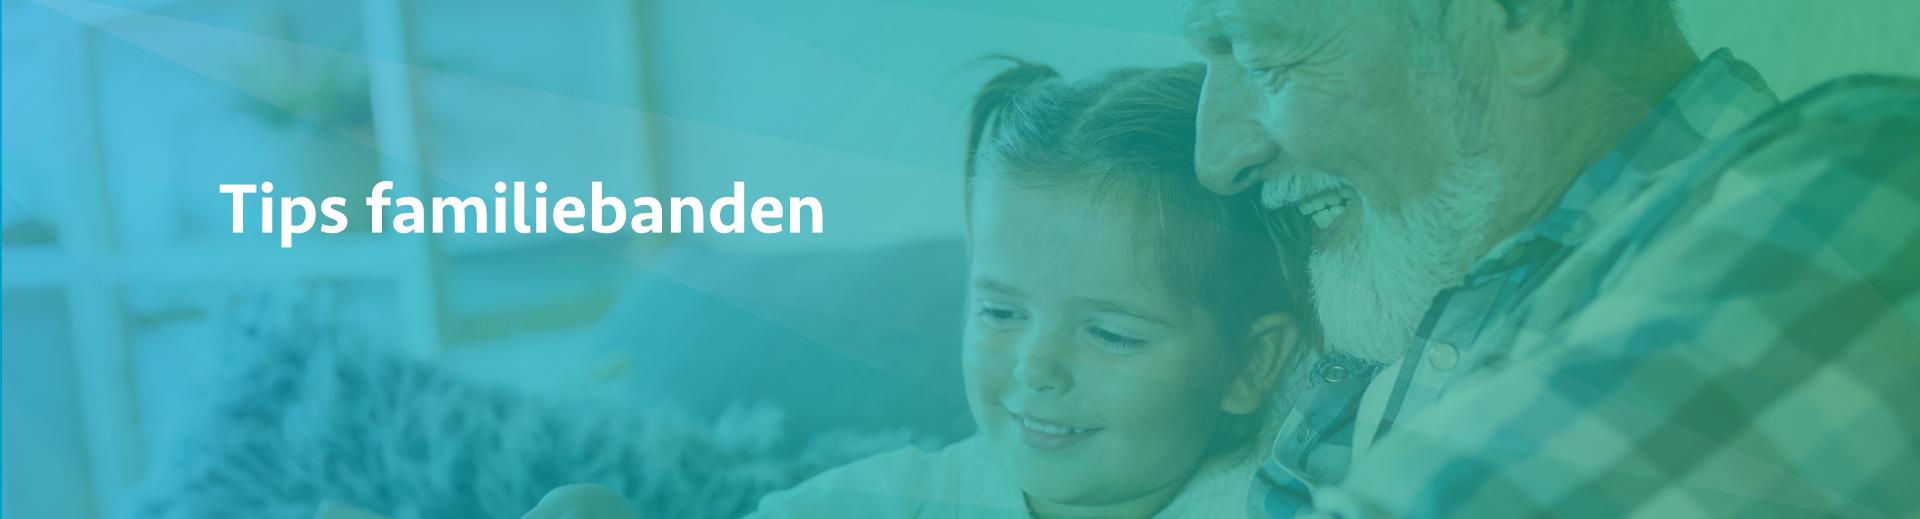 Tips behoud familiebanden - Scheidingsplanner Maastricht - Heerlen - Gulpen